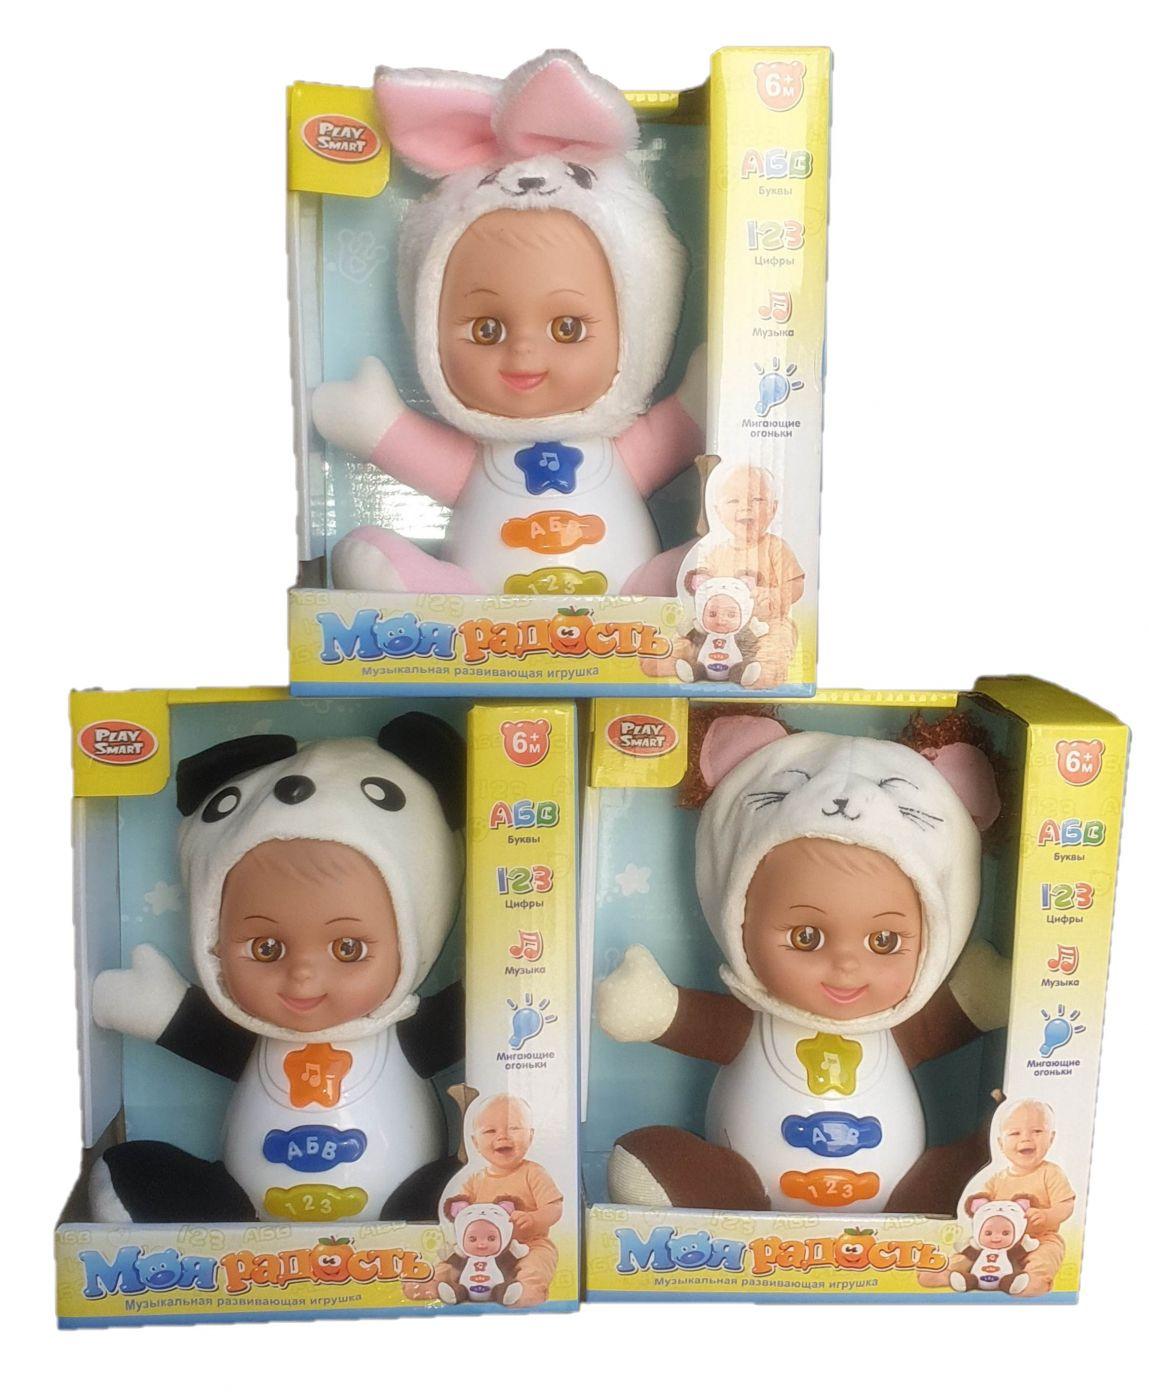 7421 Кукла моя радость интерактивная Play Smart